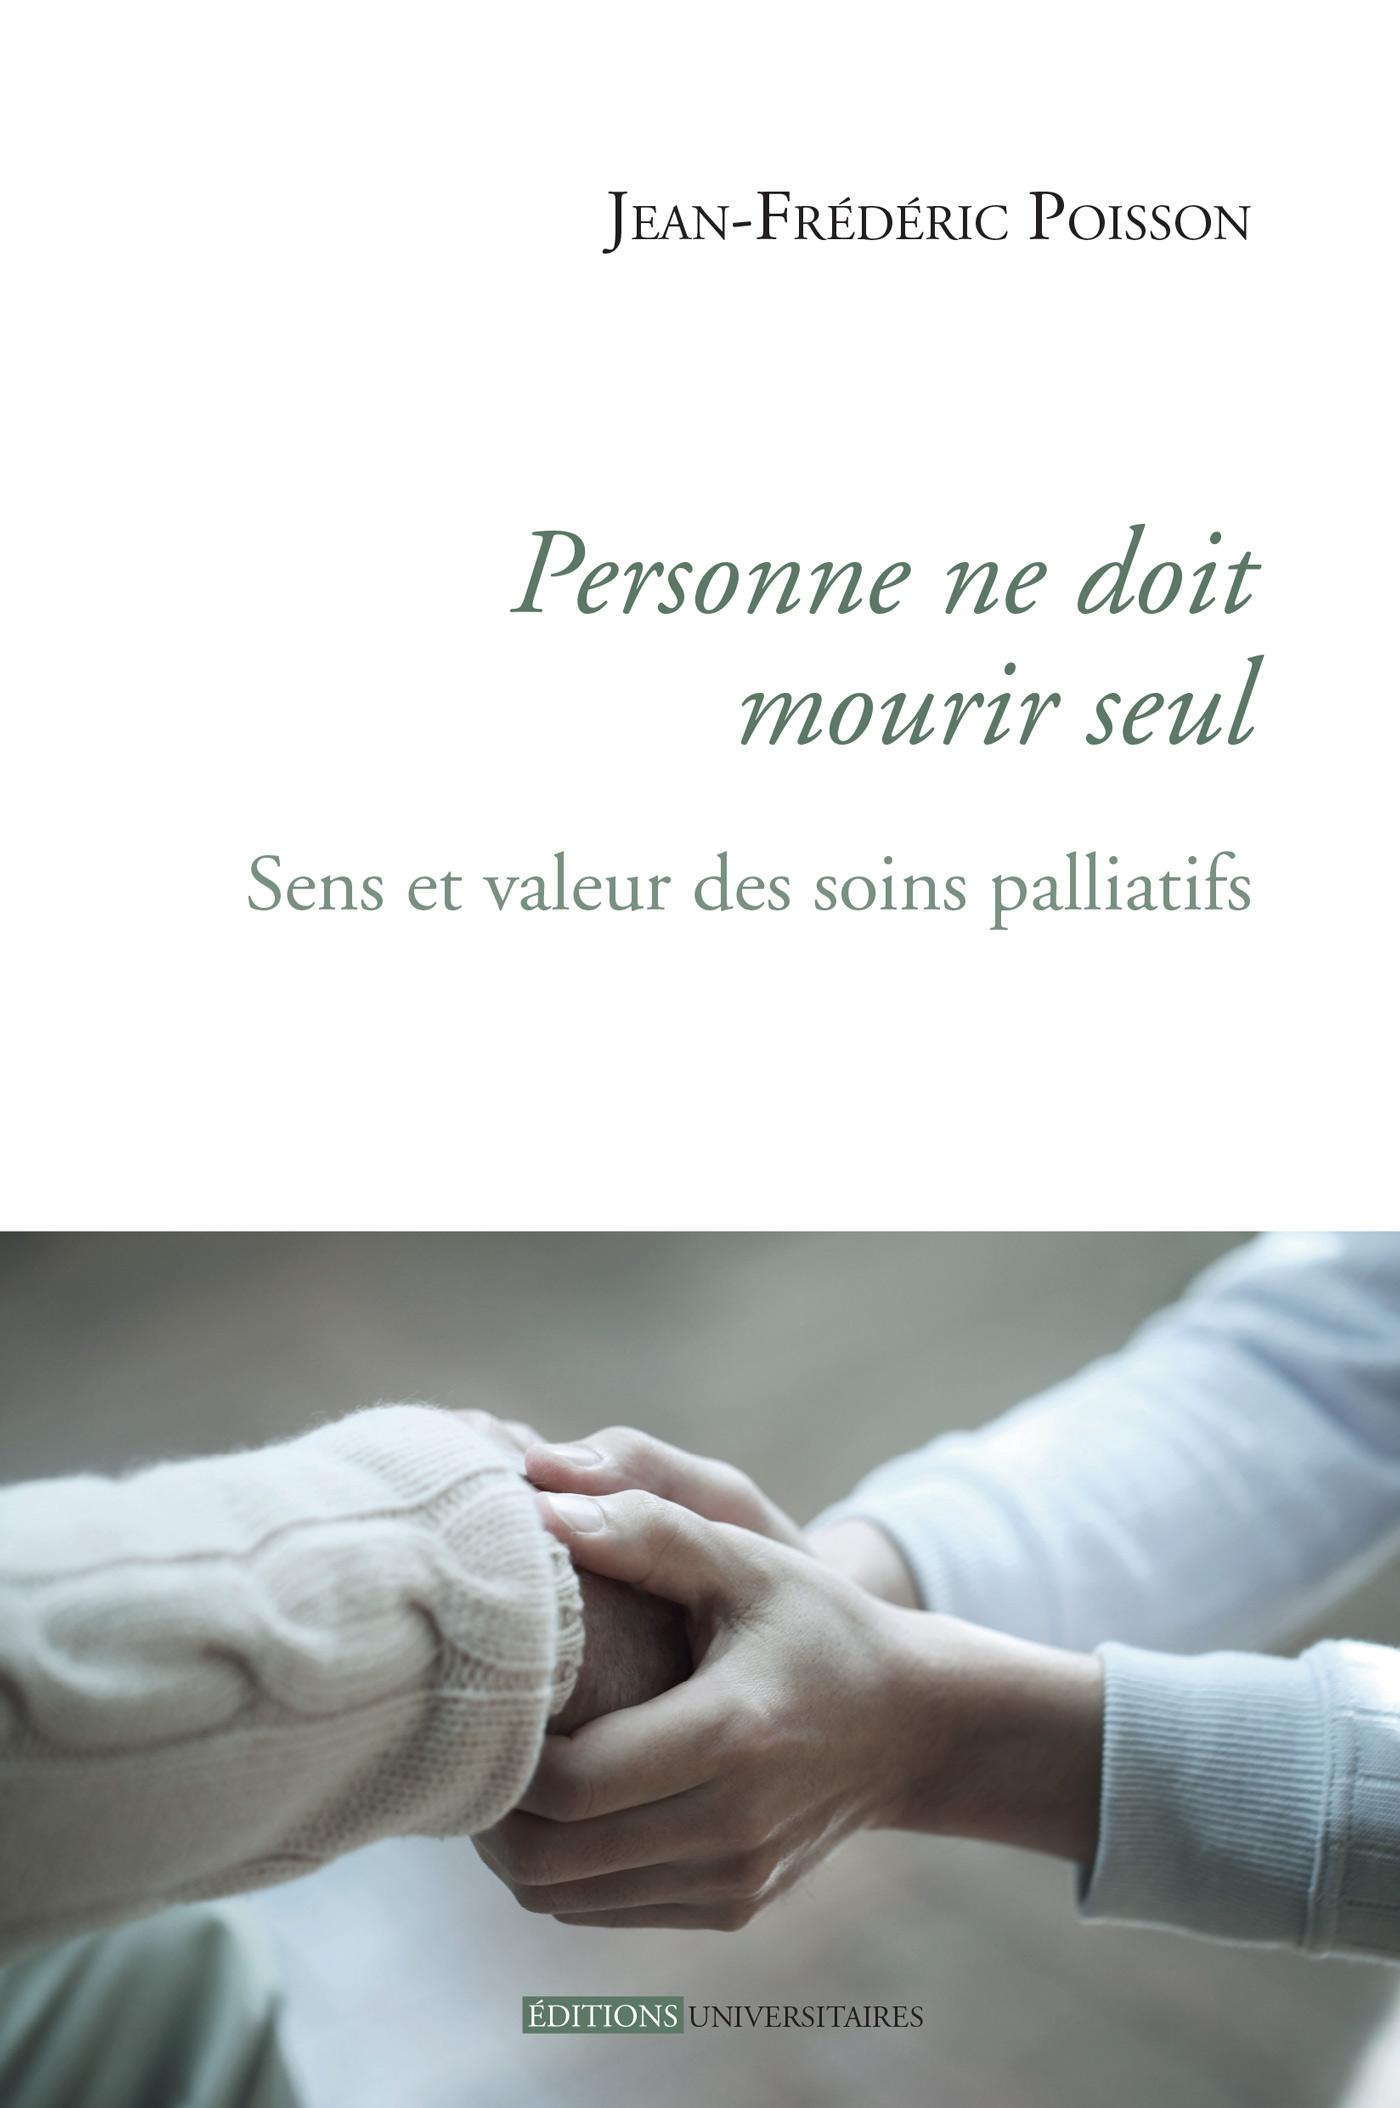 Personne ne doit mourir seul, Sens et valeur des soins palliatifs